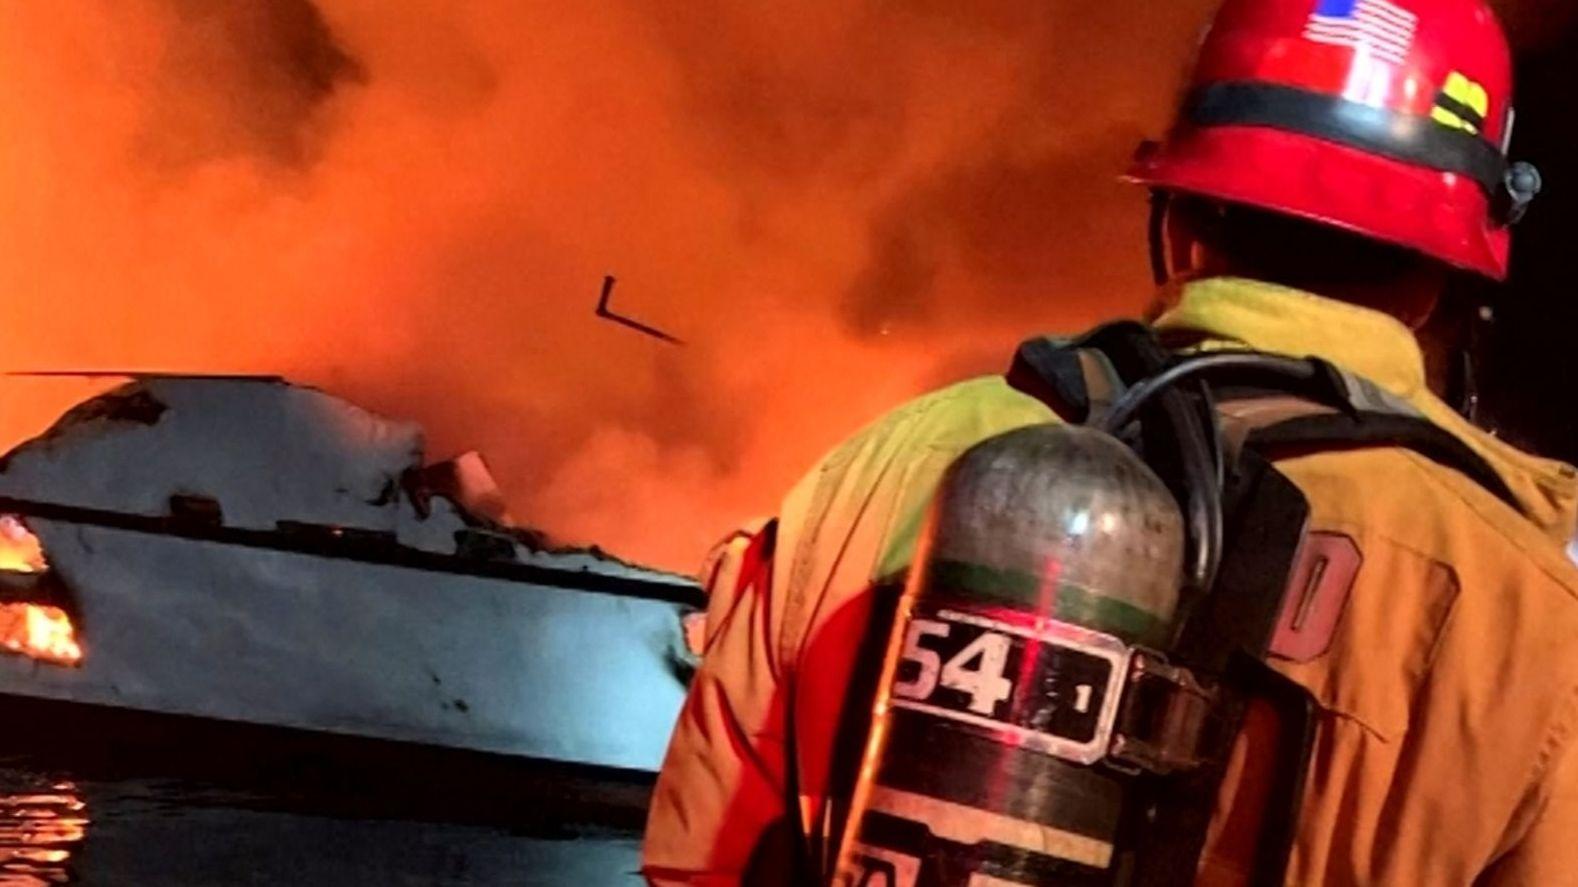 Ein Boot, das zu einem mehrtägigen Tauchausflug vor der kalifornischen Küste unterwegs war, ist in der vergangenen Nacht in Brand geraten.